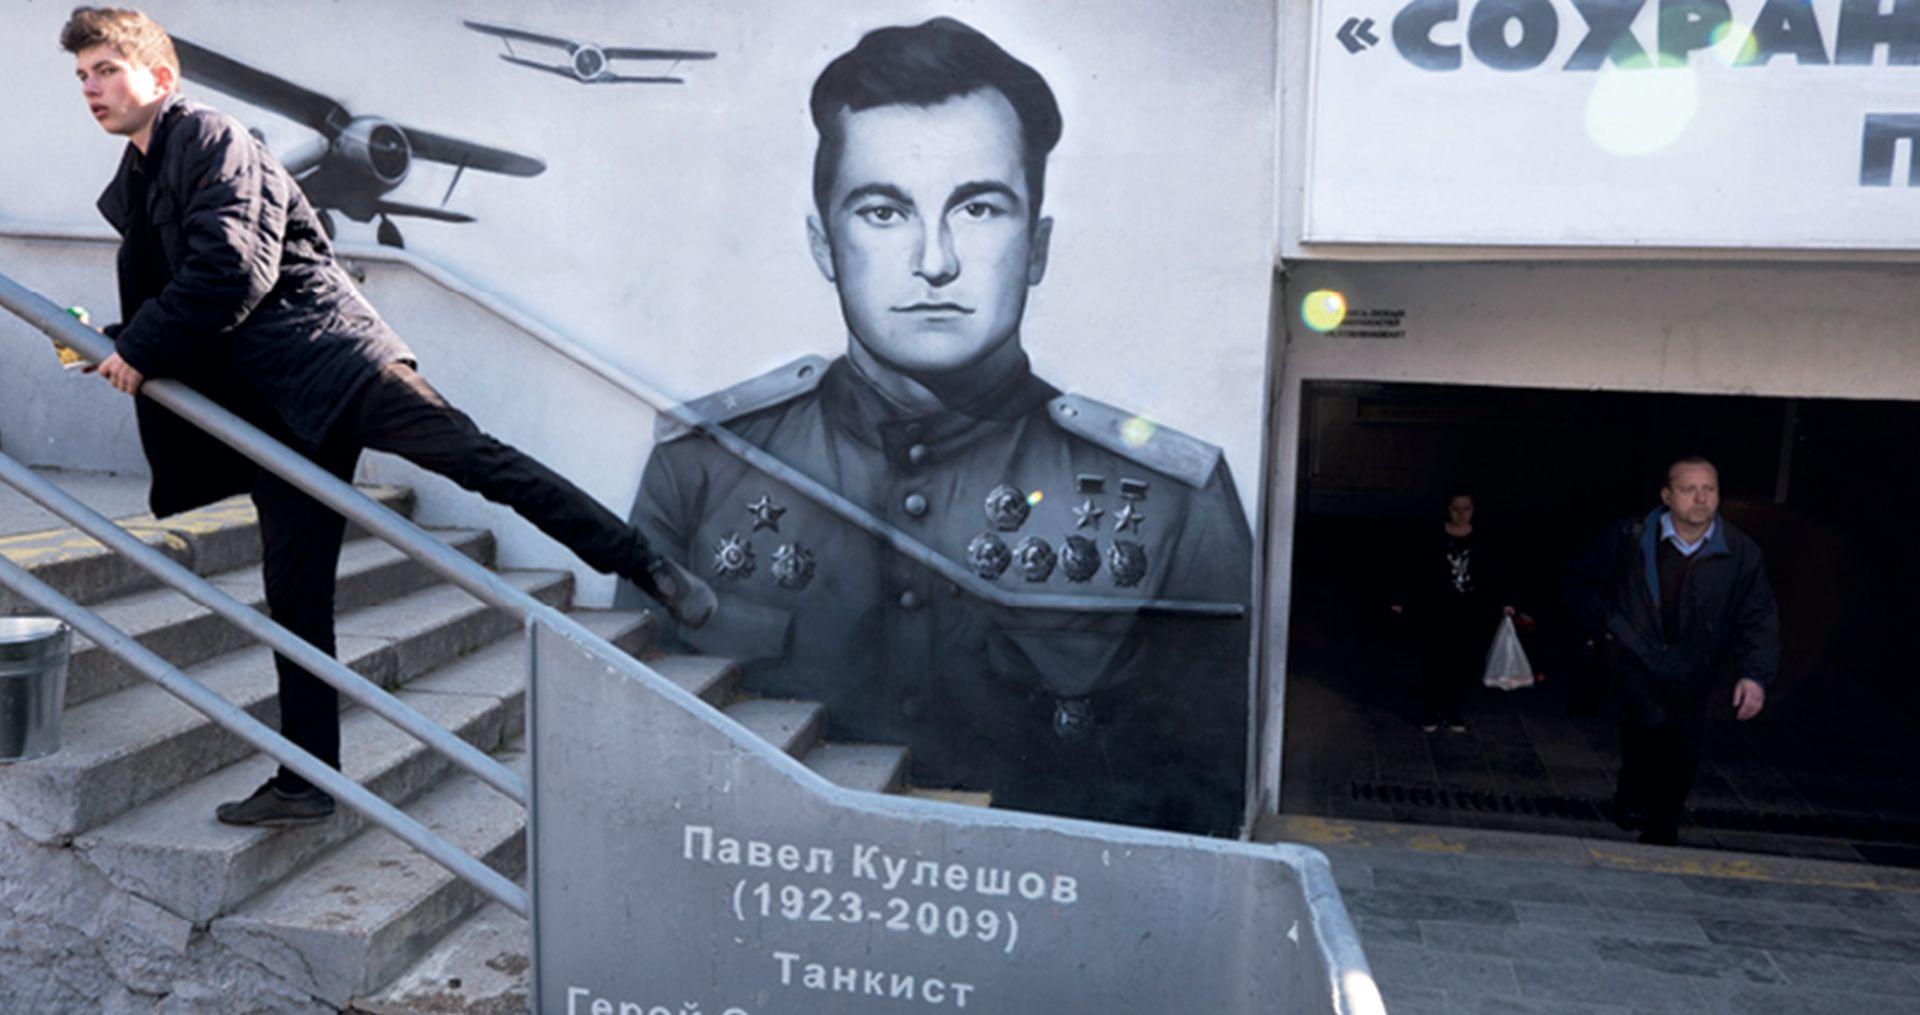 Ruski pogled na Krim tri godine kasnije